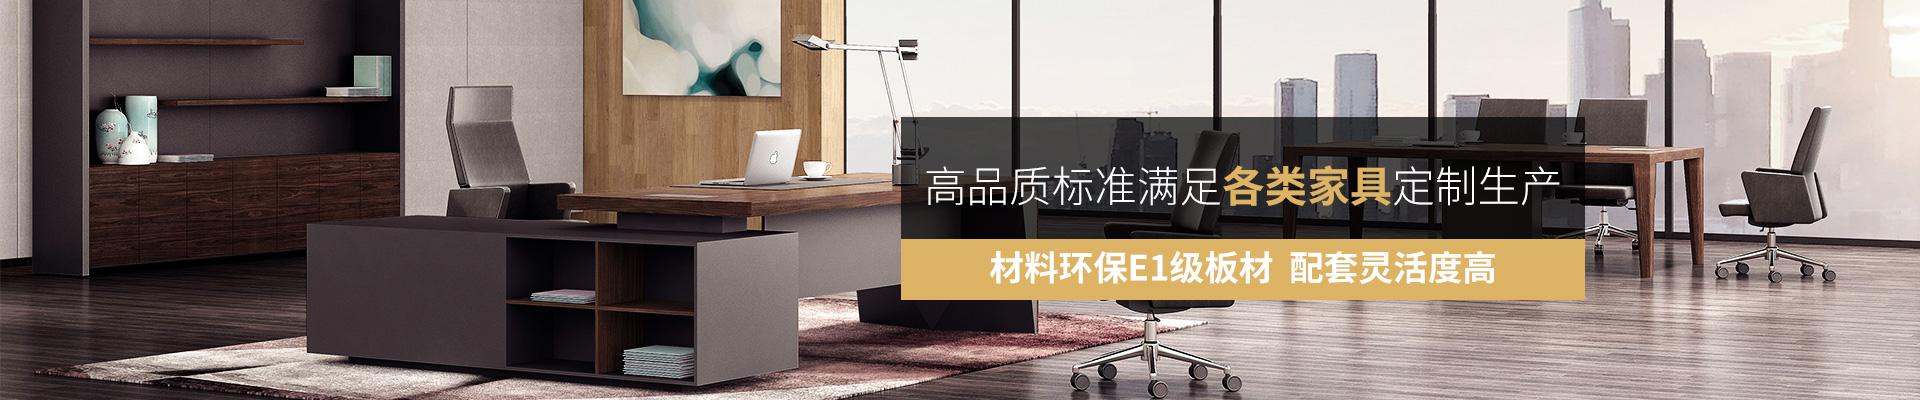 材料环保E1级板材-智兴家具